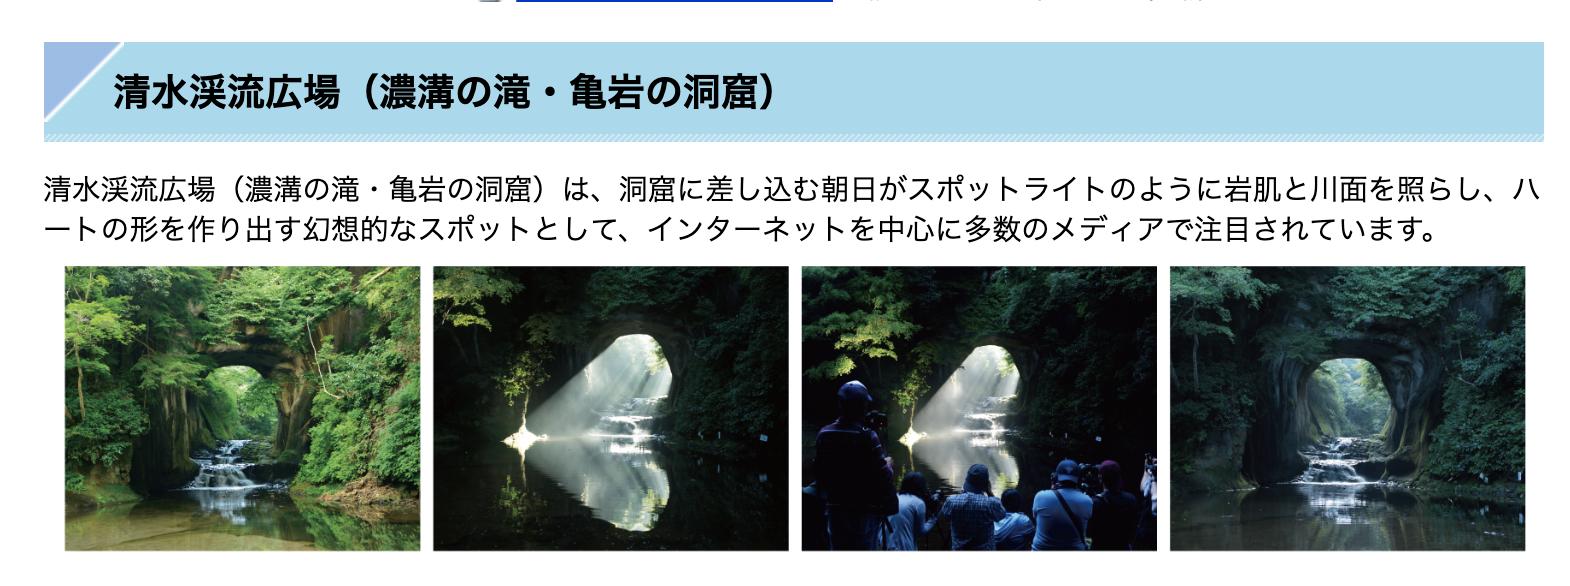 濃溝の滝の写真